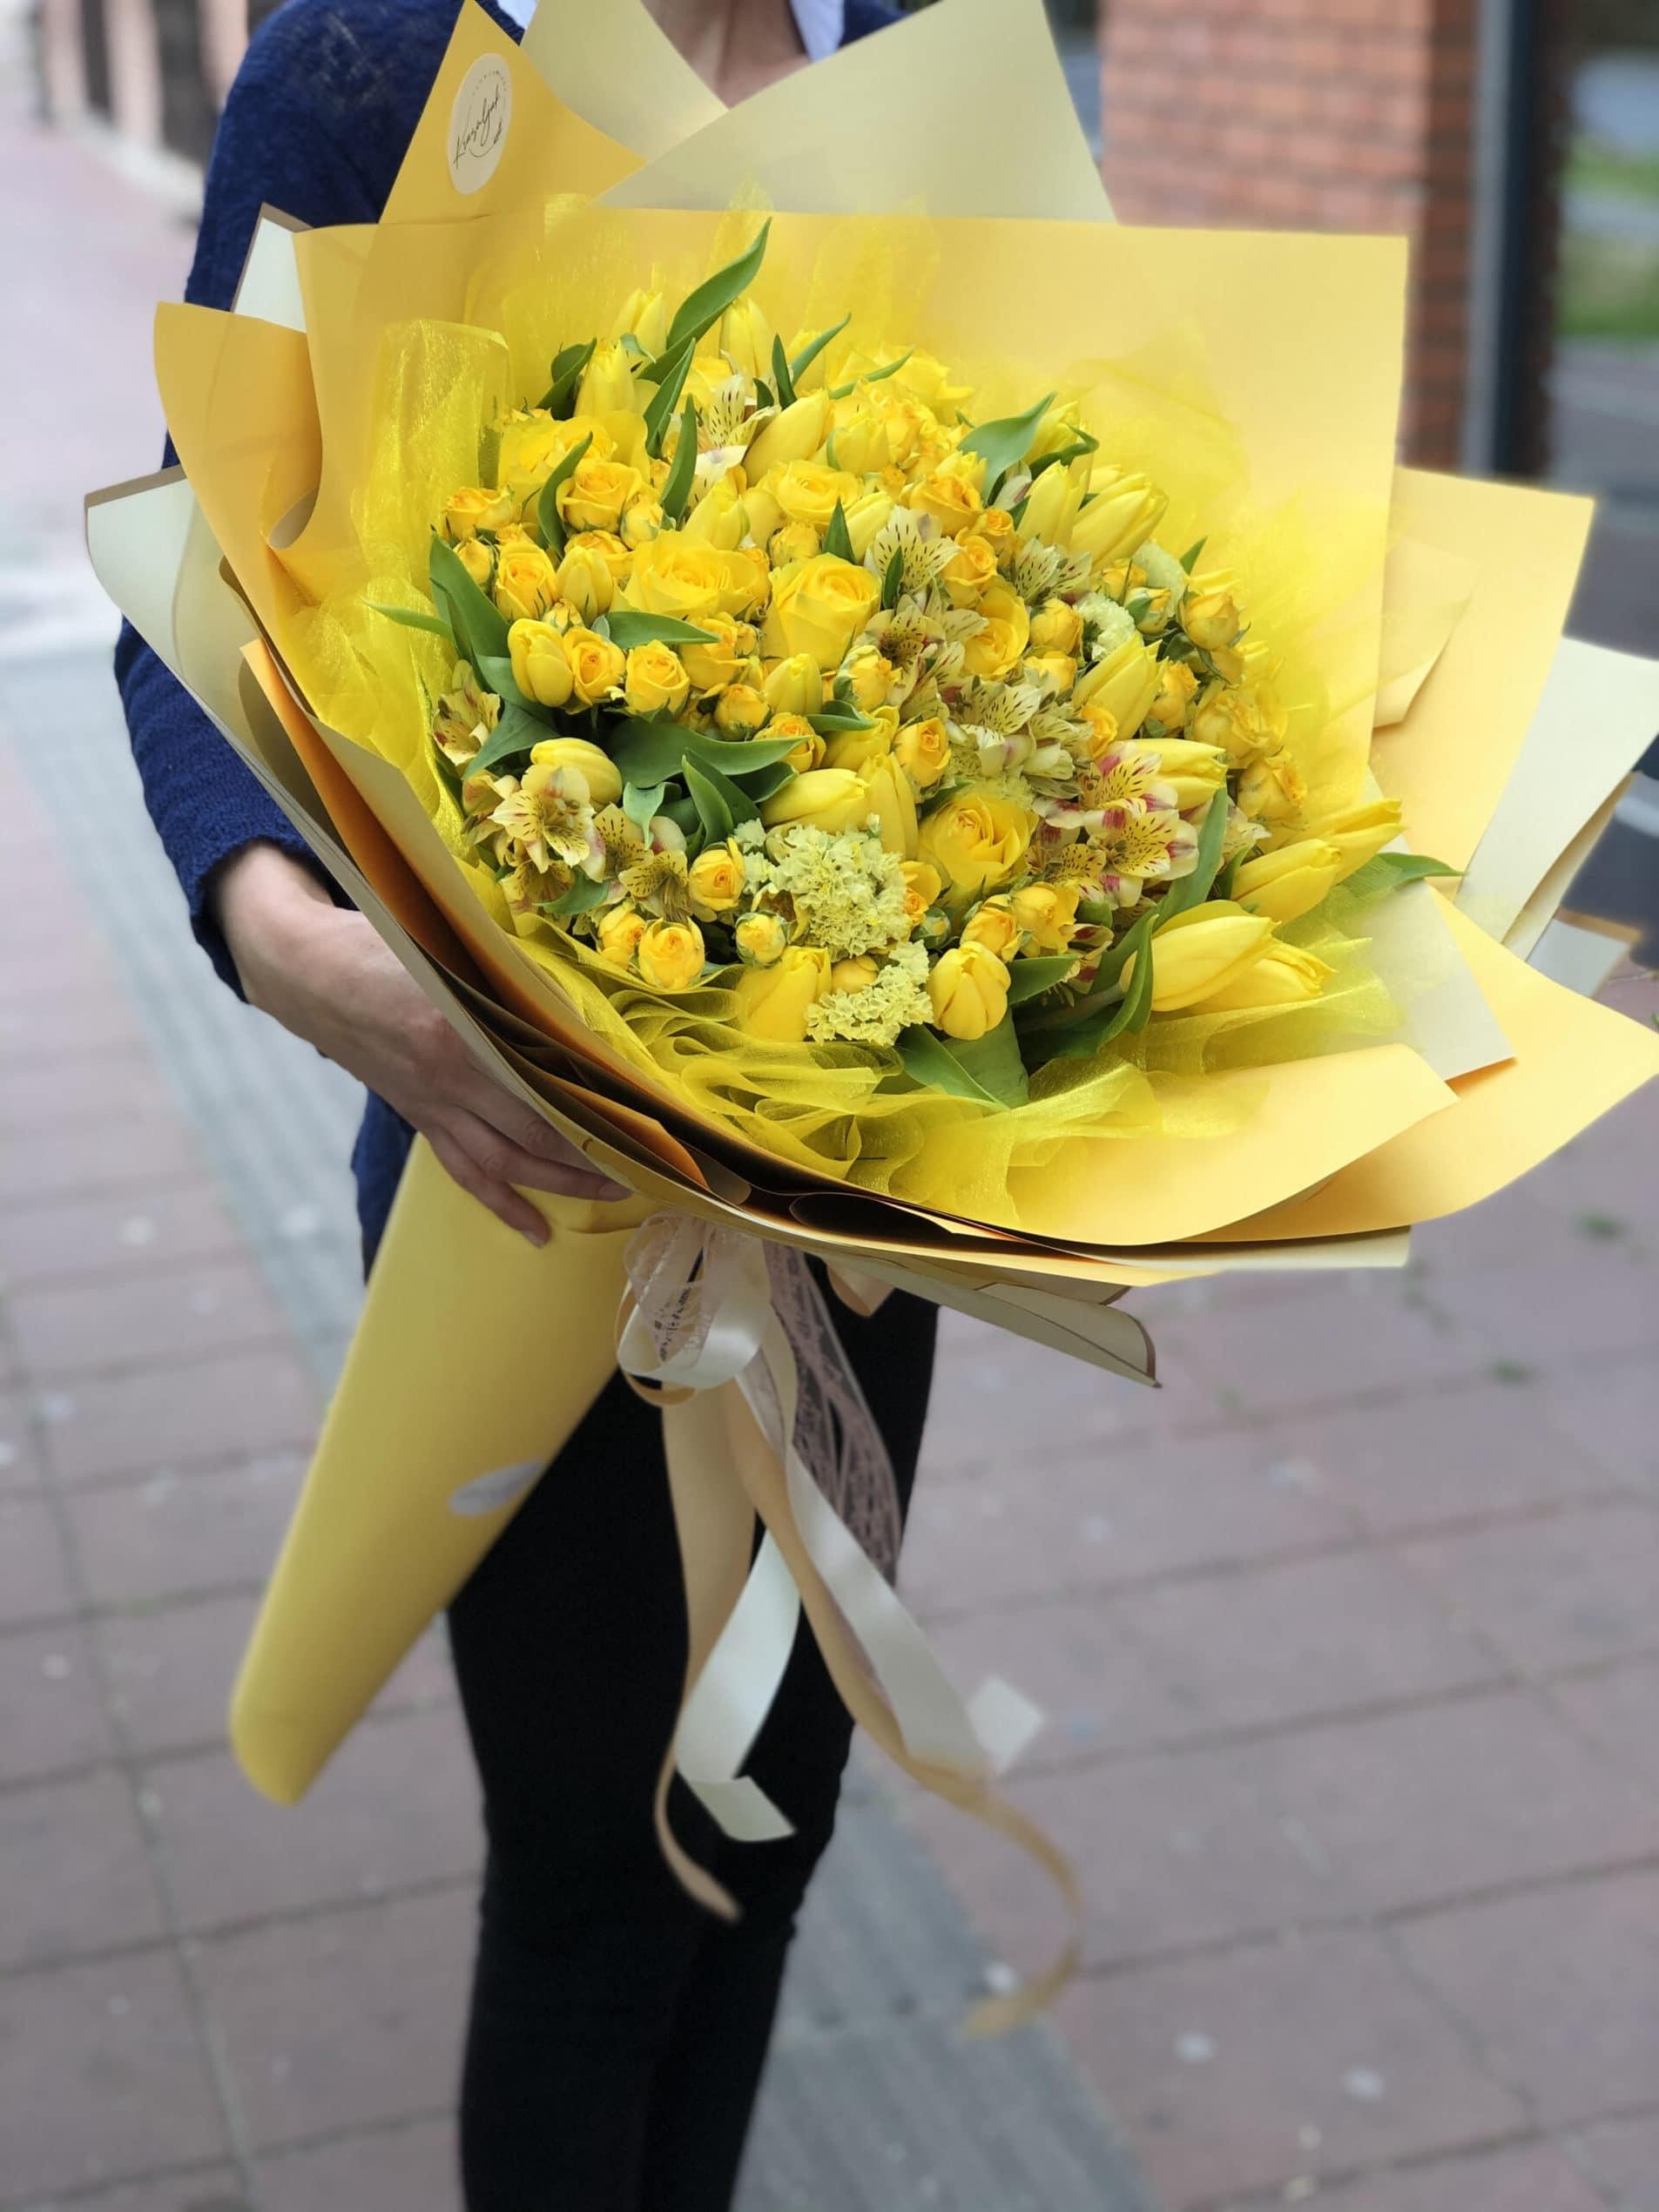 Cveće - buket žutog cveća u žutom papiru